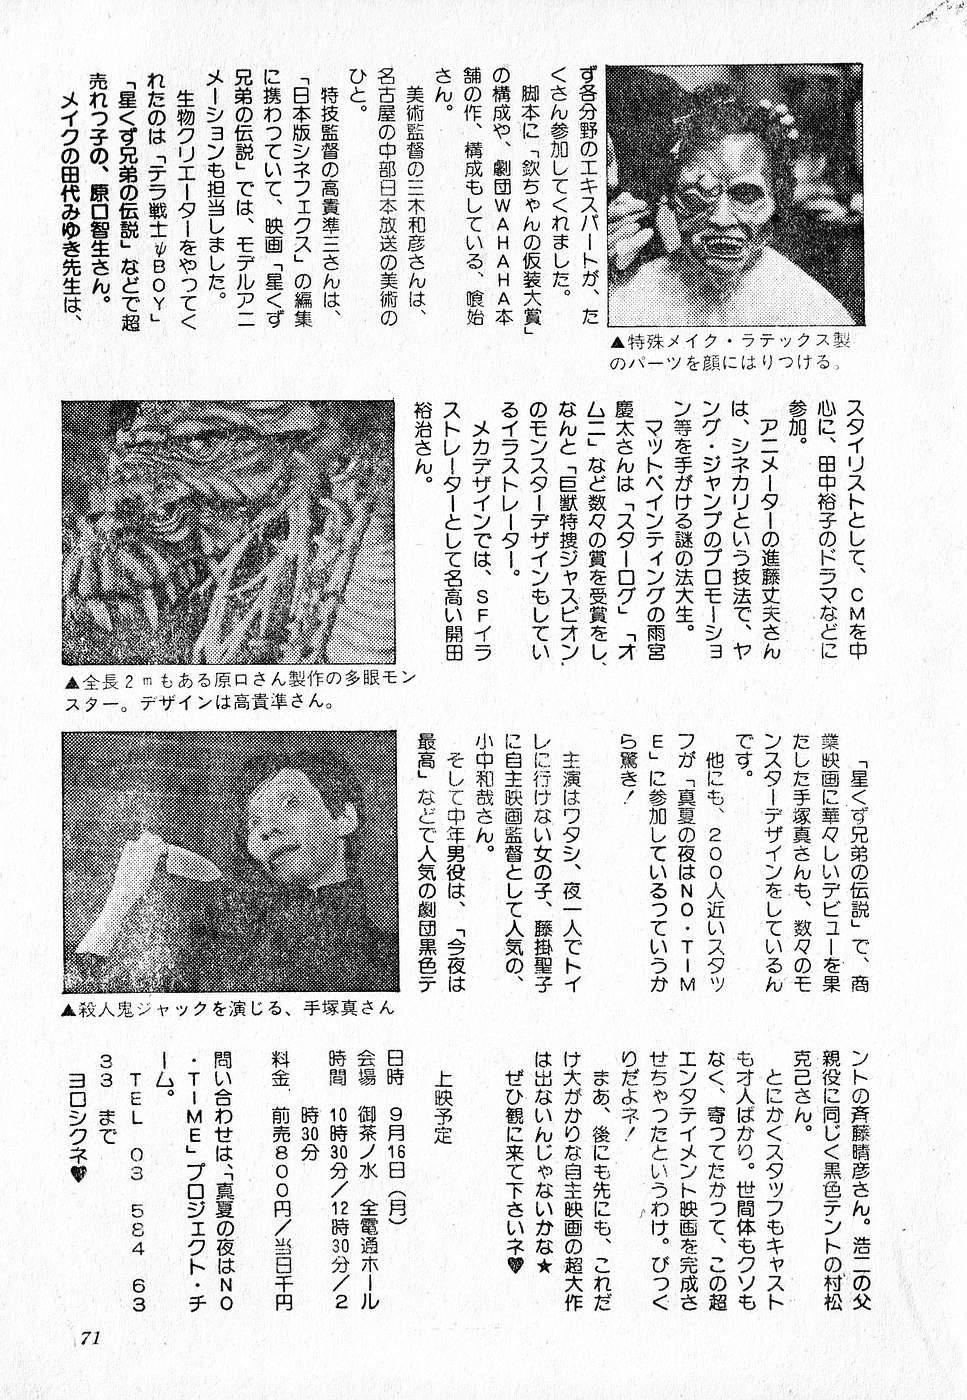 COMIC Lolipop 1985-10 Soukanjunbigou Aki 70